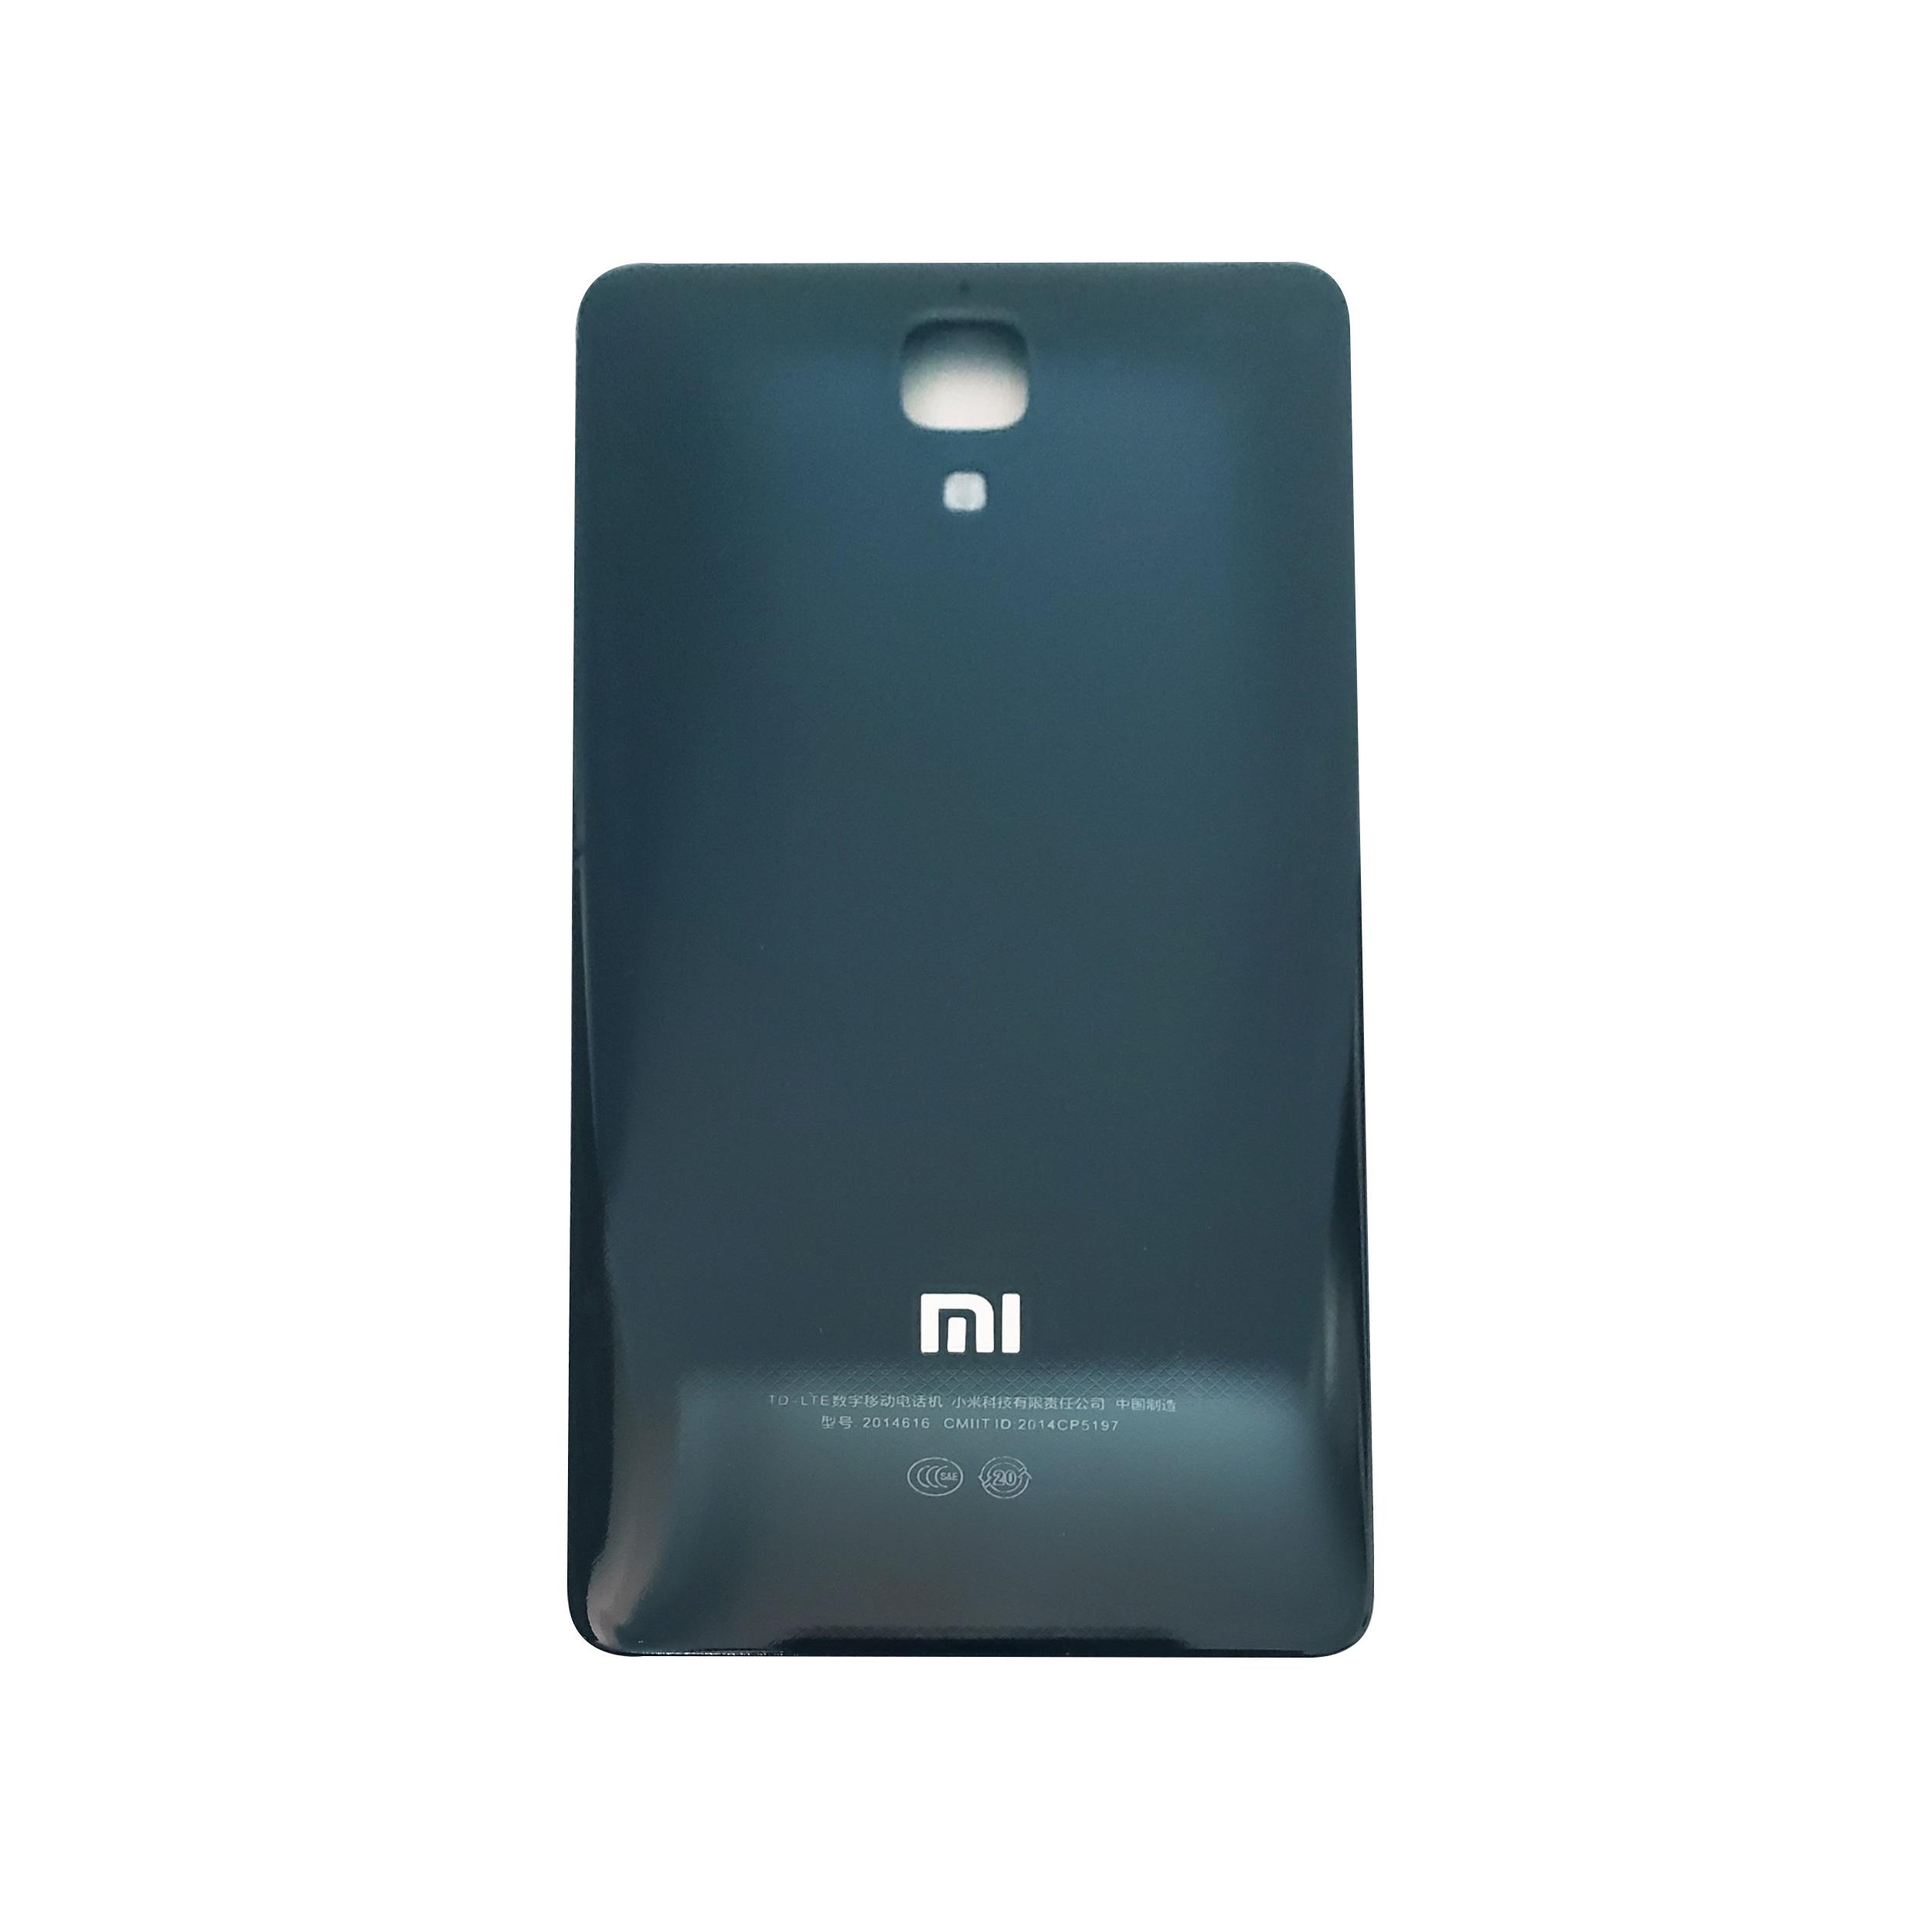 Thay nắp lưng Xiaomi  Mi 4